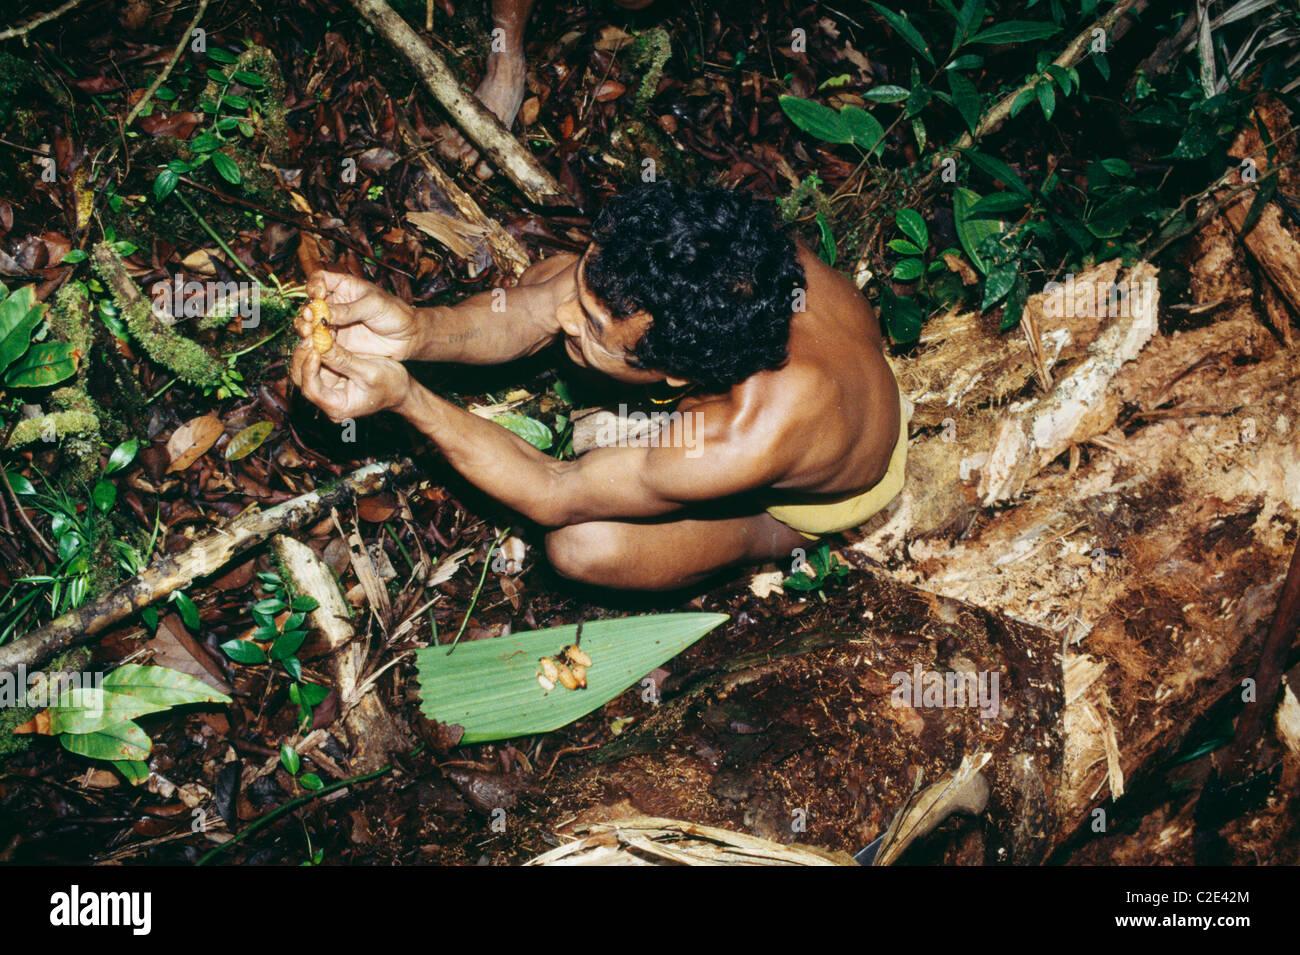 Siberut Island Sumatra Indonesia - Stock Image